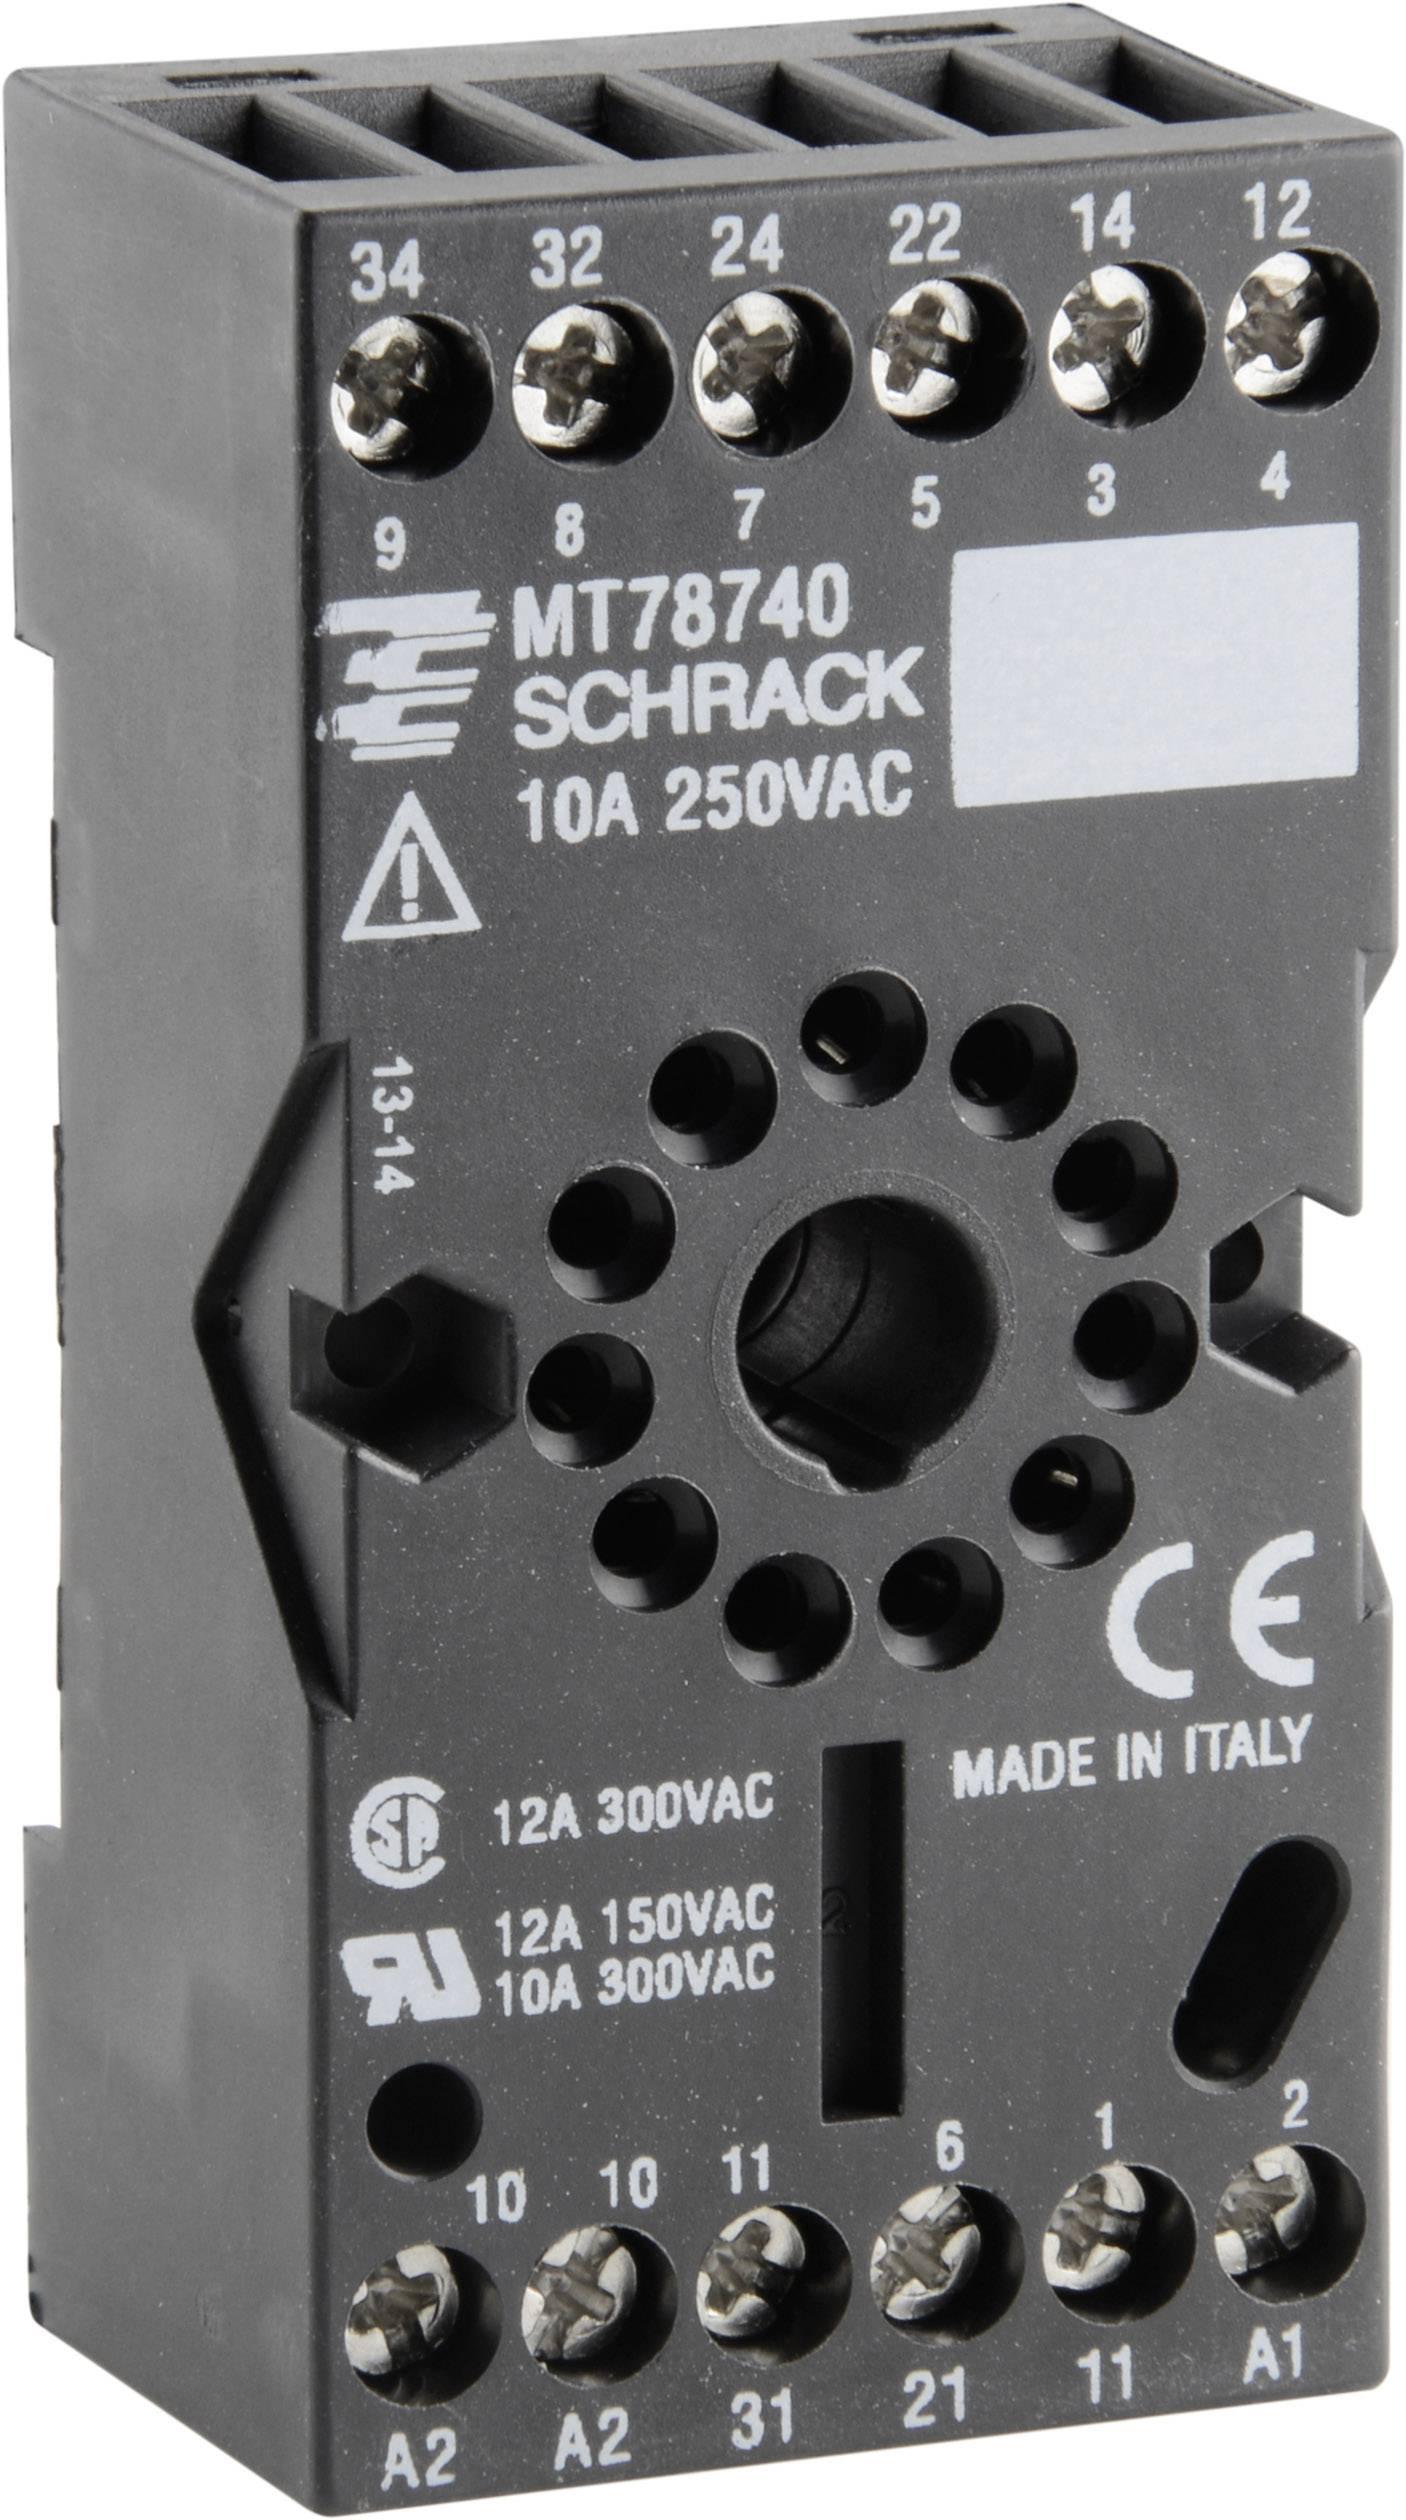 Příslušenství pro relé svíce módy MT TE Connectivity 8-1393163-3, MT78740 = ES 12